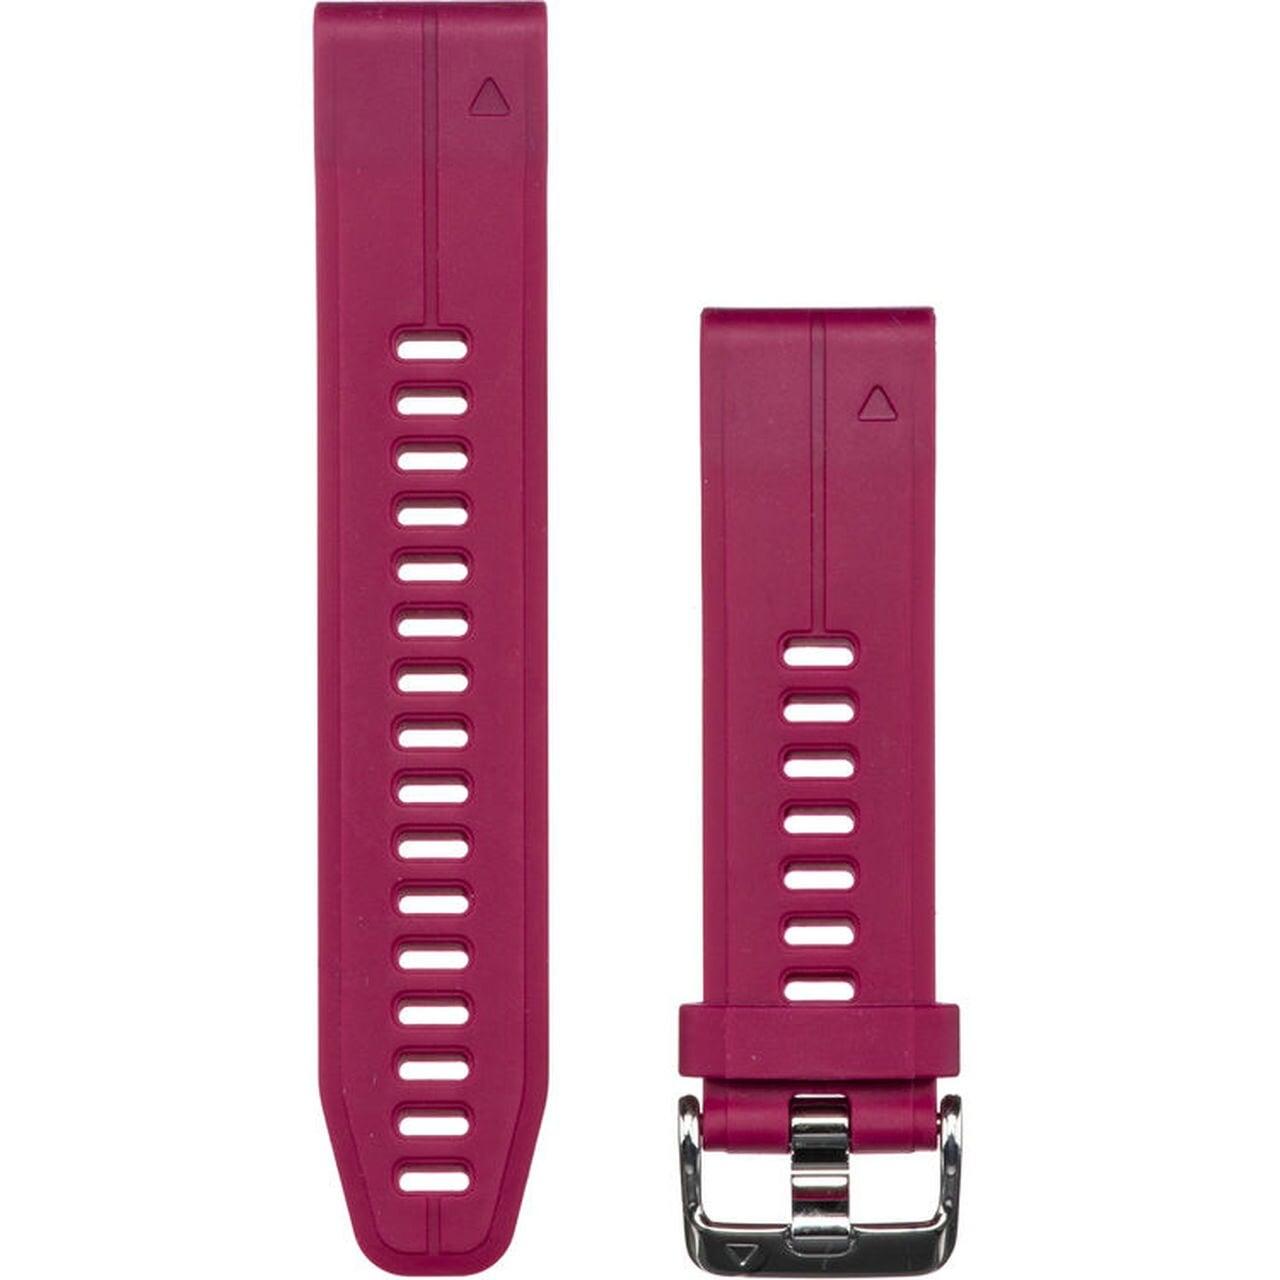 רצועה סגולה מקורית לשעון Garmin Fenix 5s / 6s